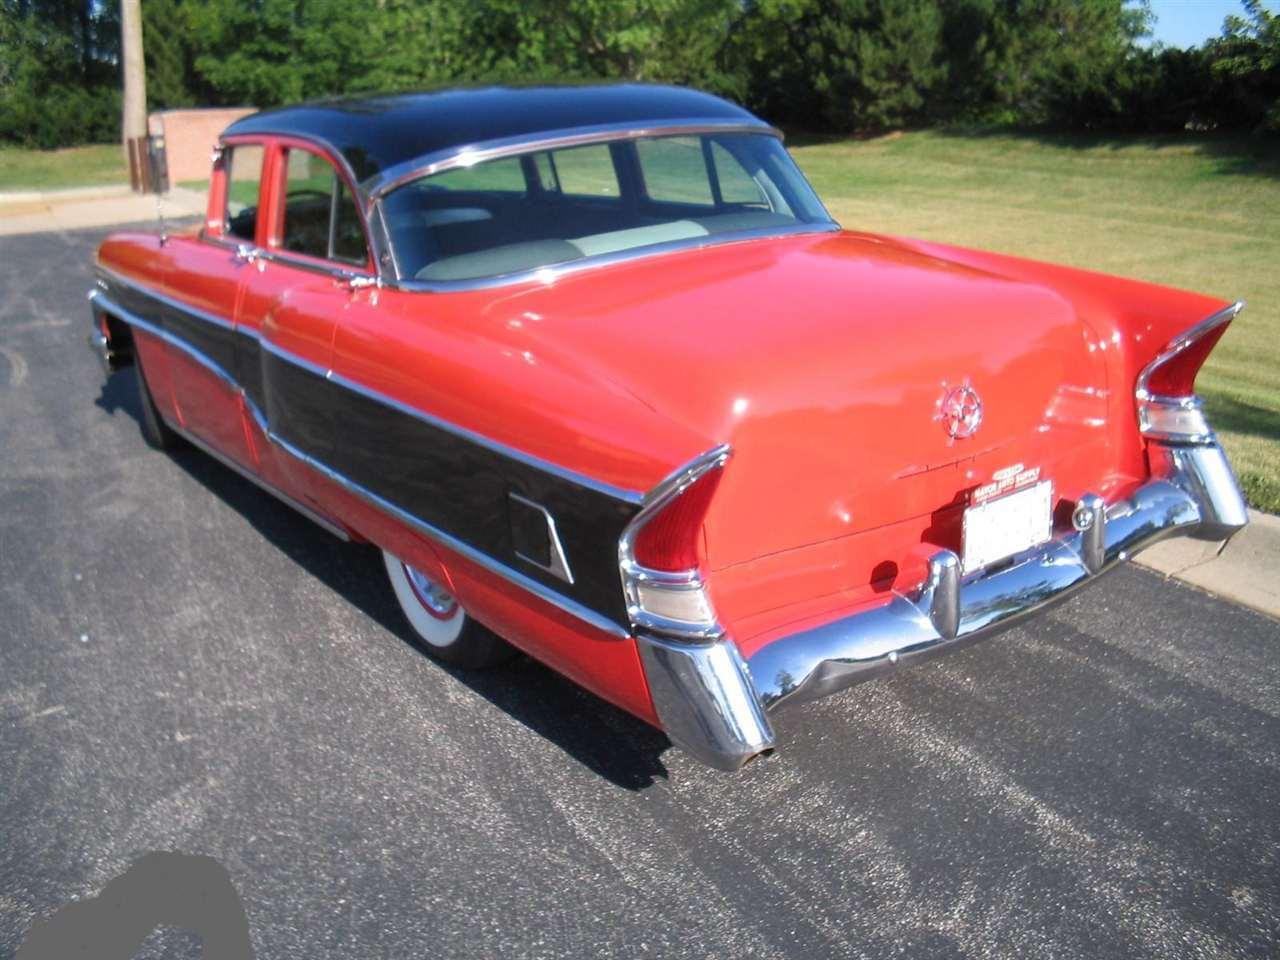 1956 Packard Clipper Custom Sedan (pic #2)